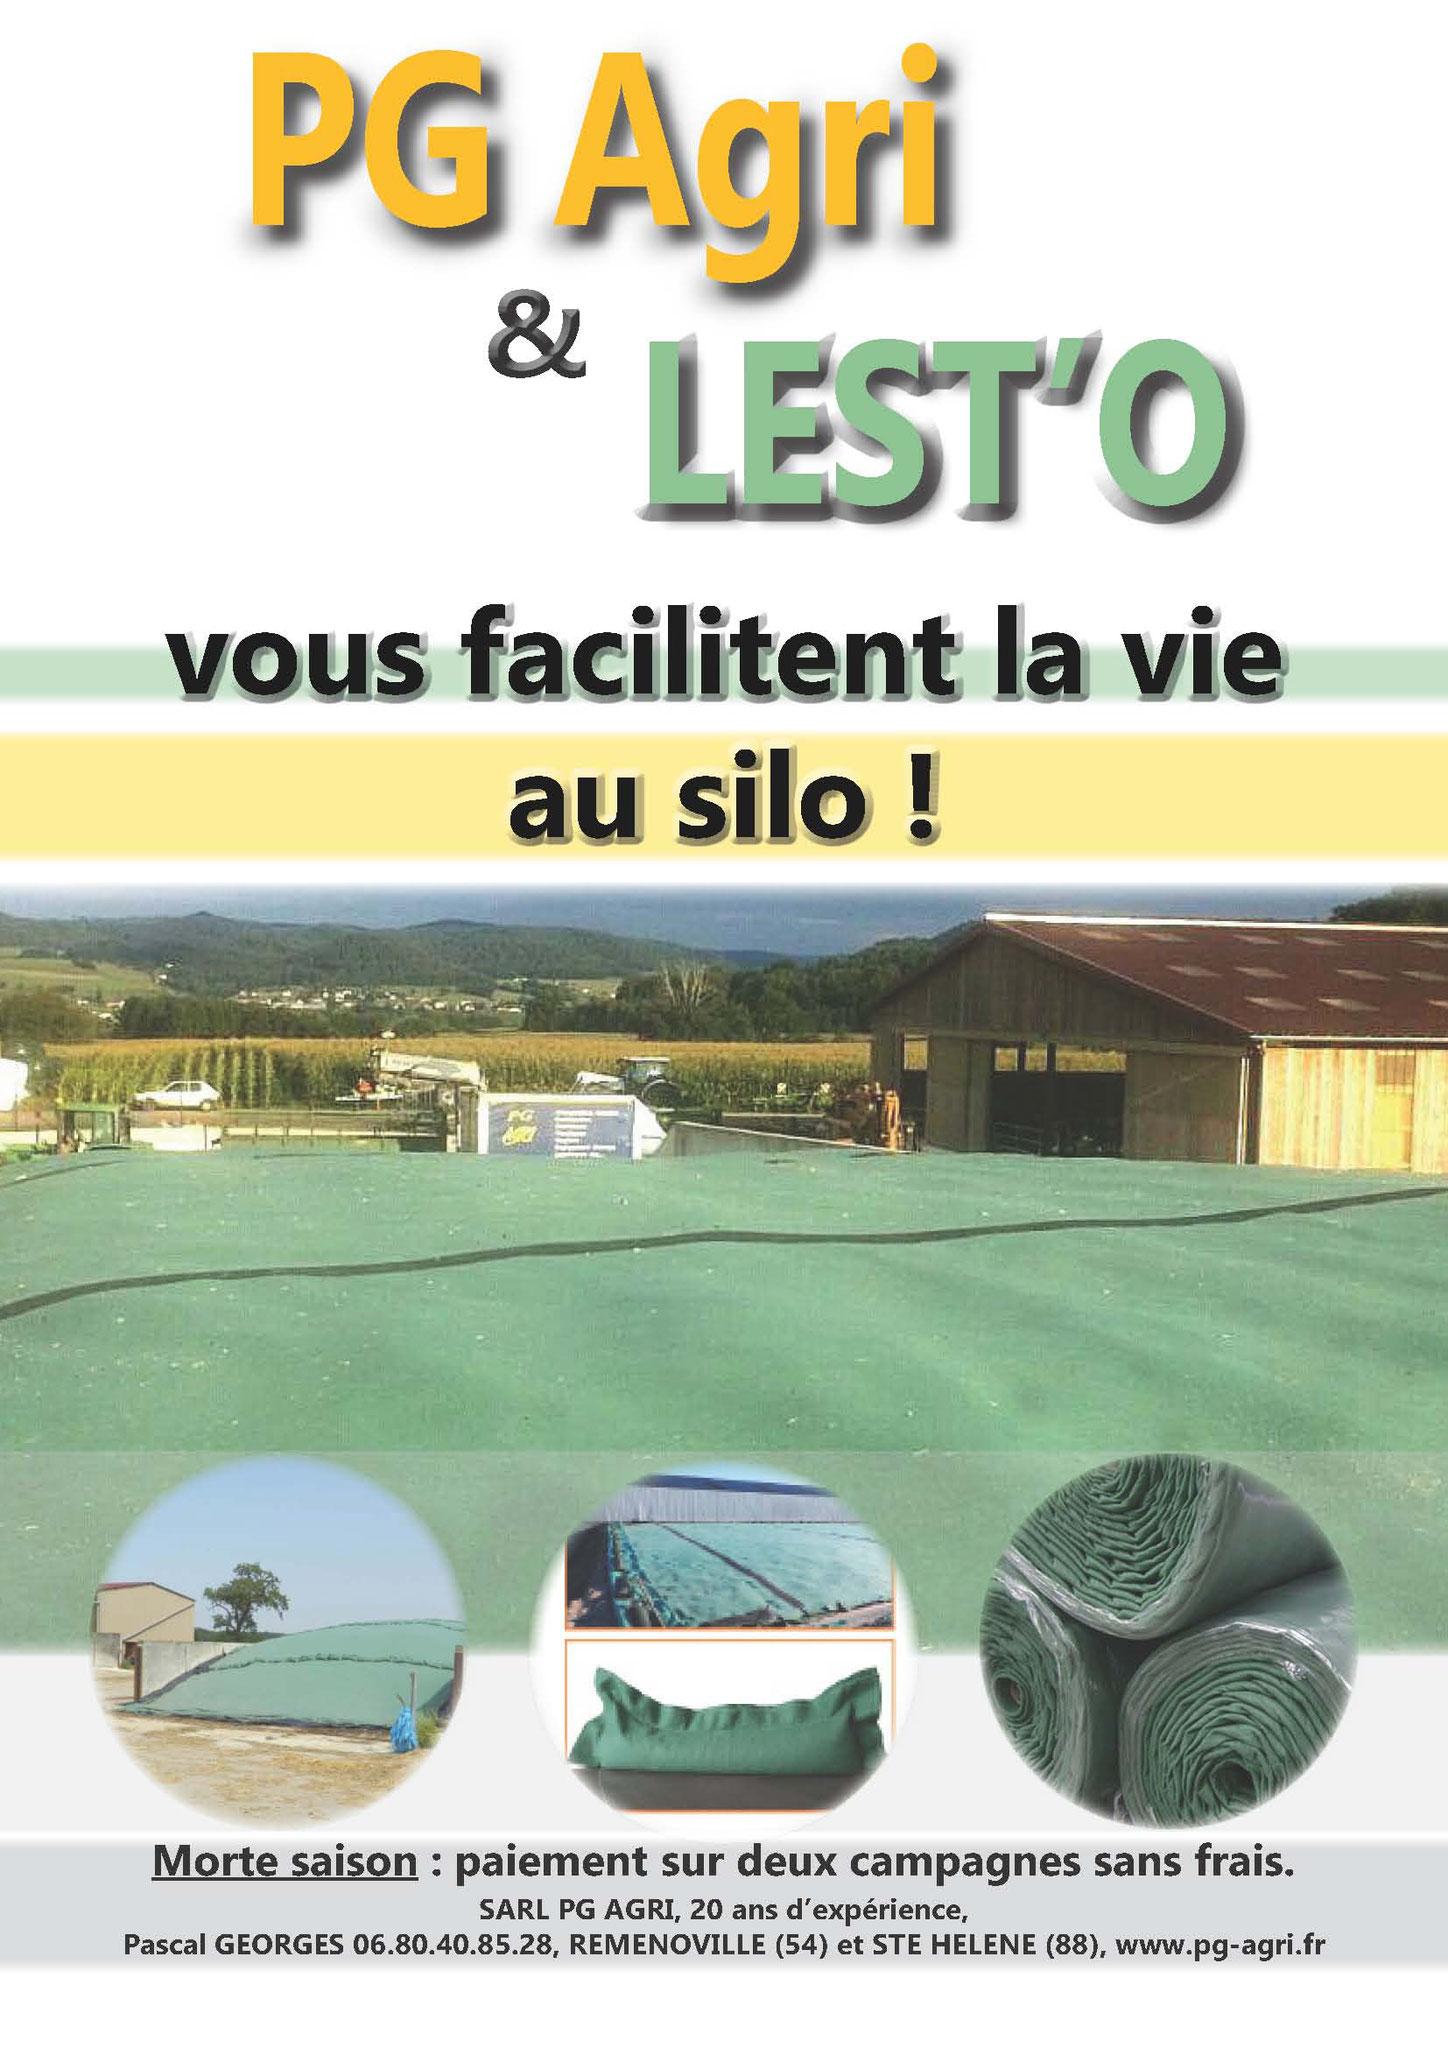 PG Agri & LestO vous facilitent la vie au silo.